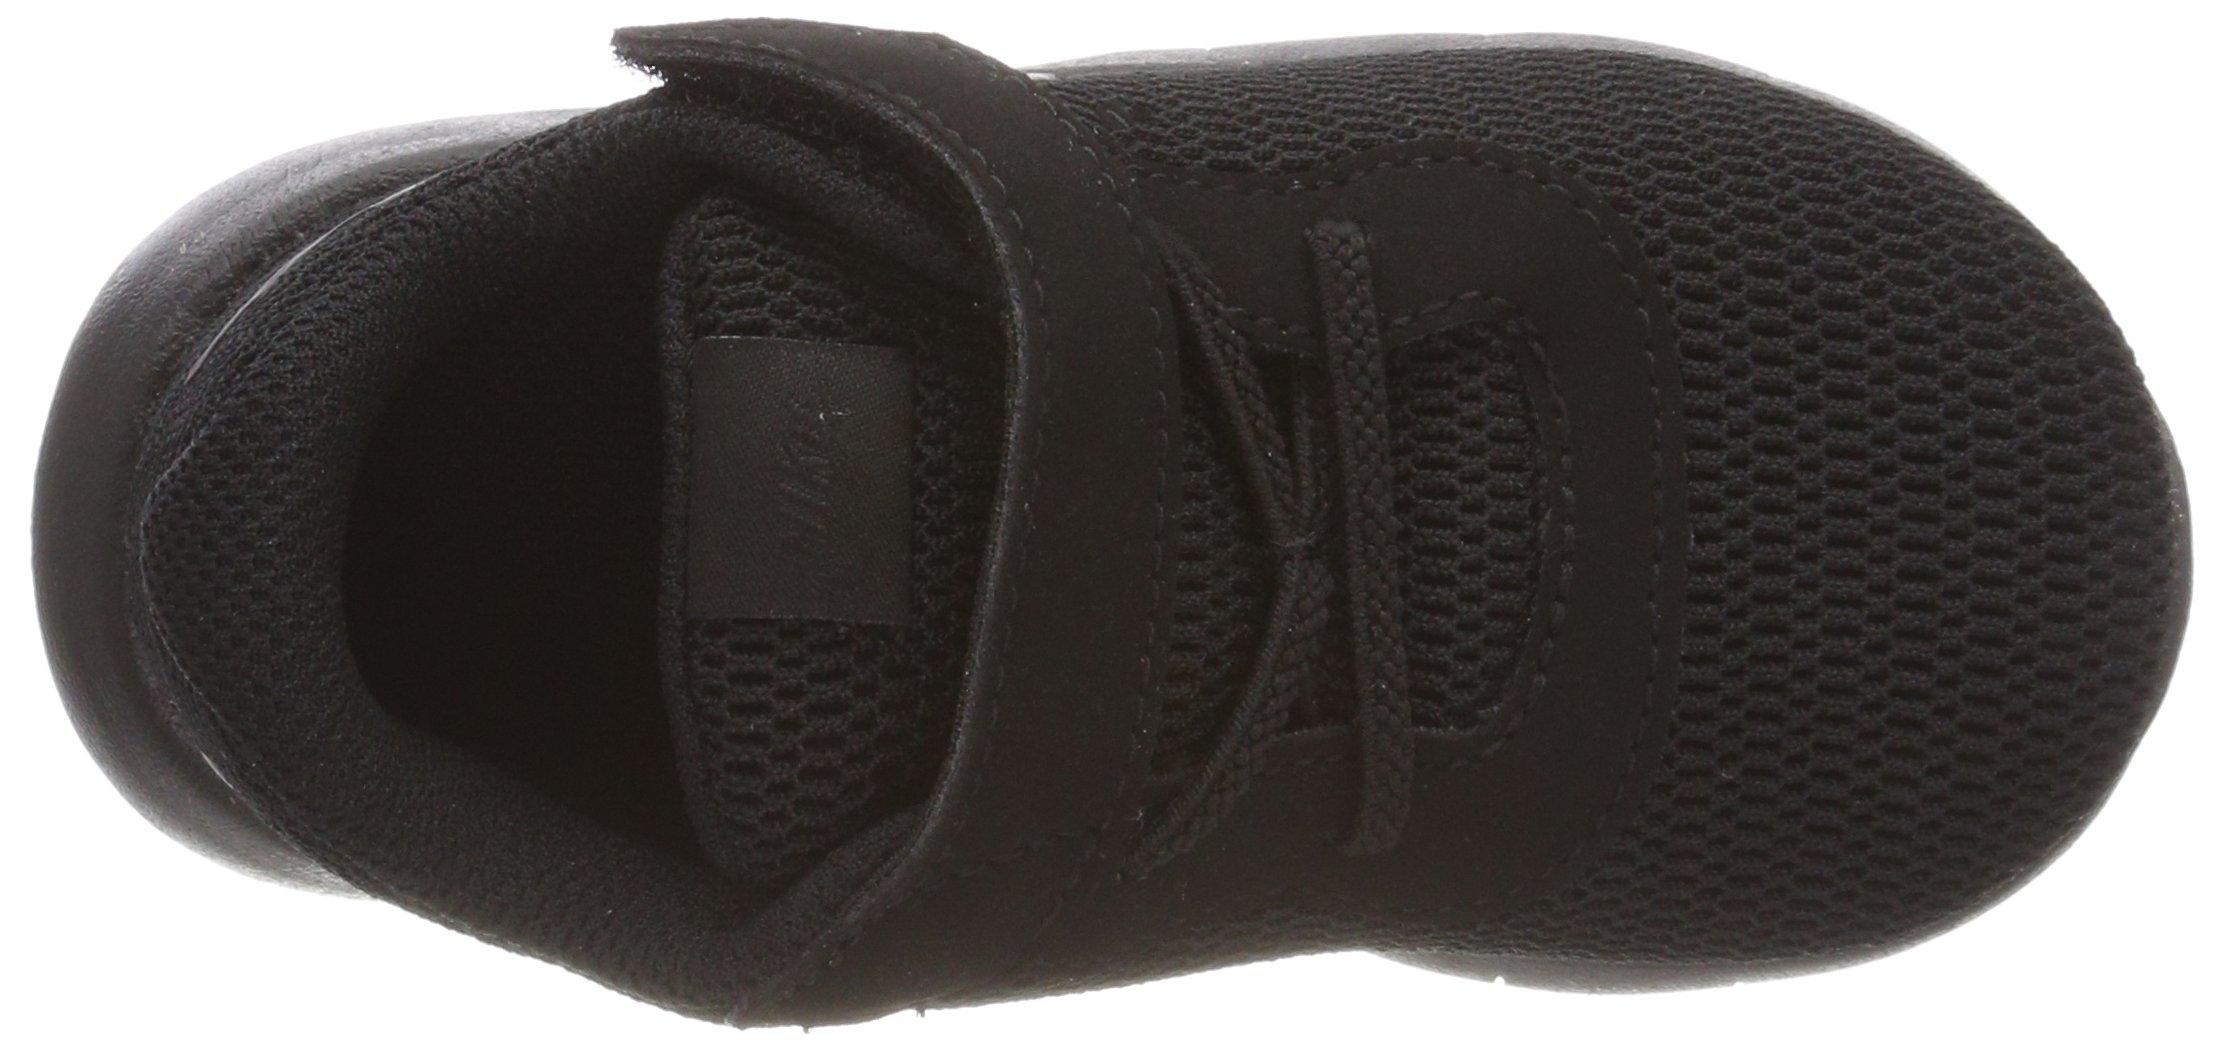 Nike Baby Boy's Tanjun Sneakers (7 M US Toddler, Black/Black) by Nike (Image #7)